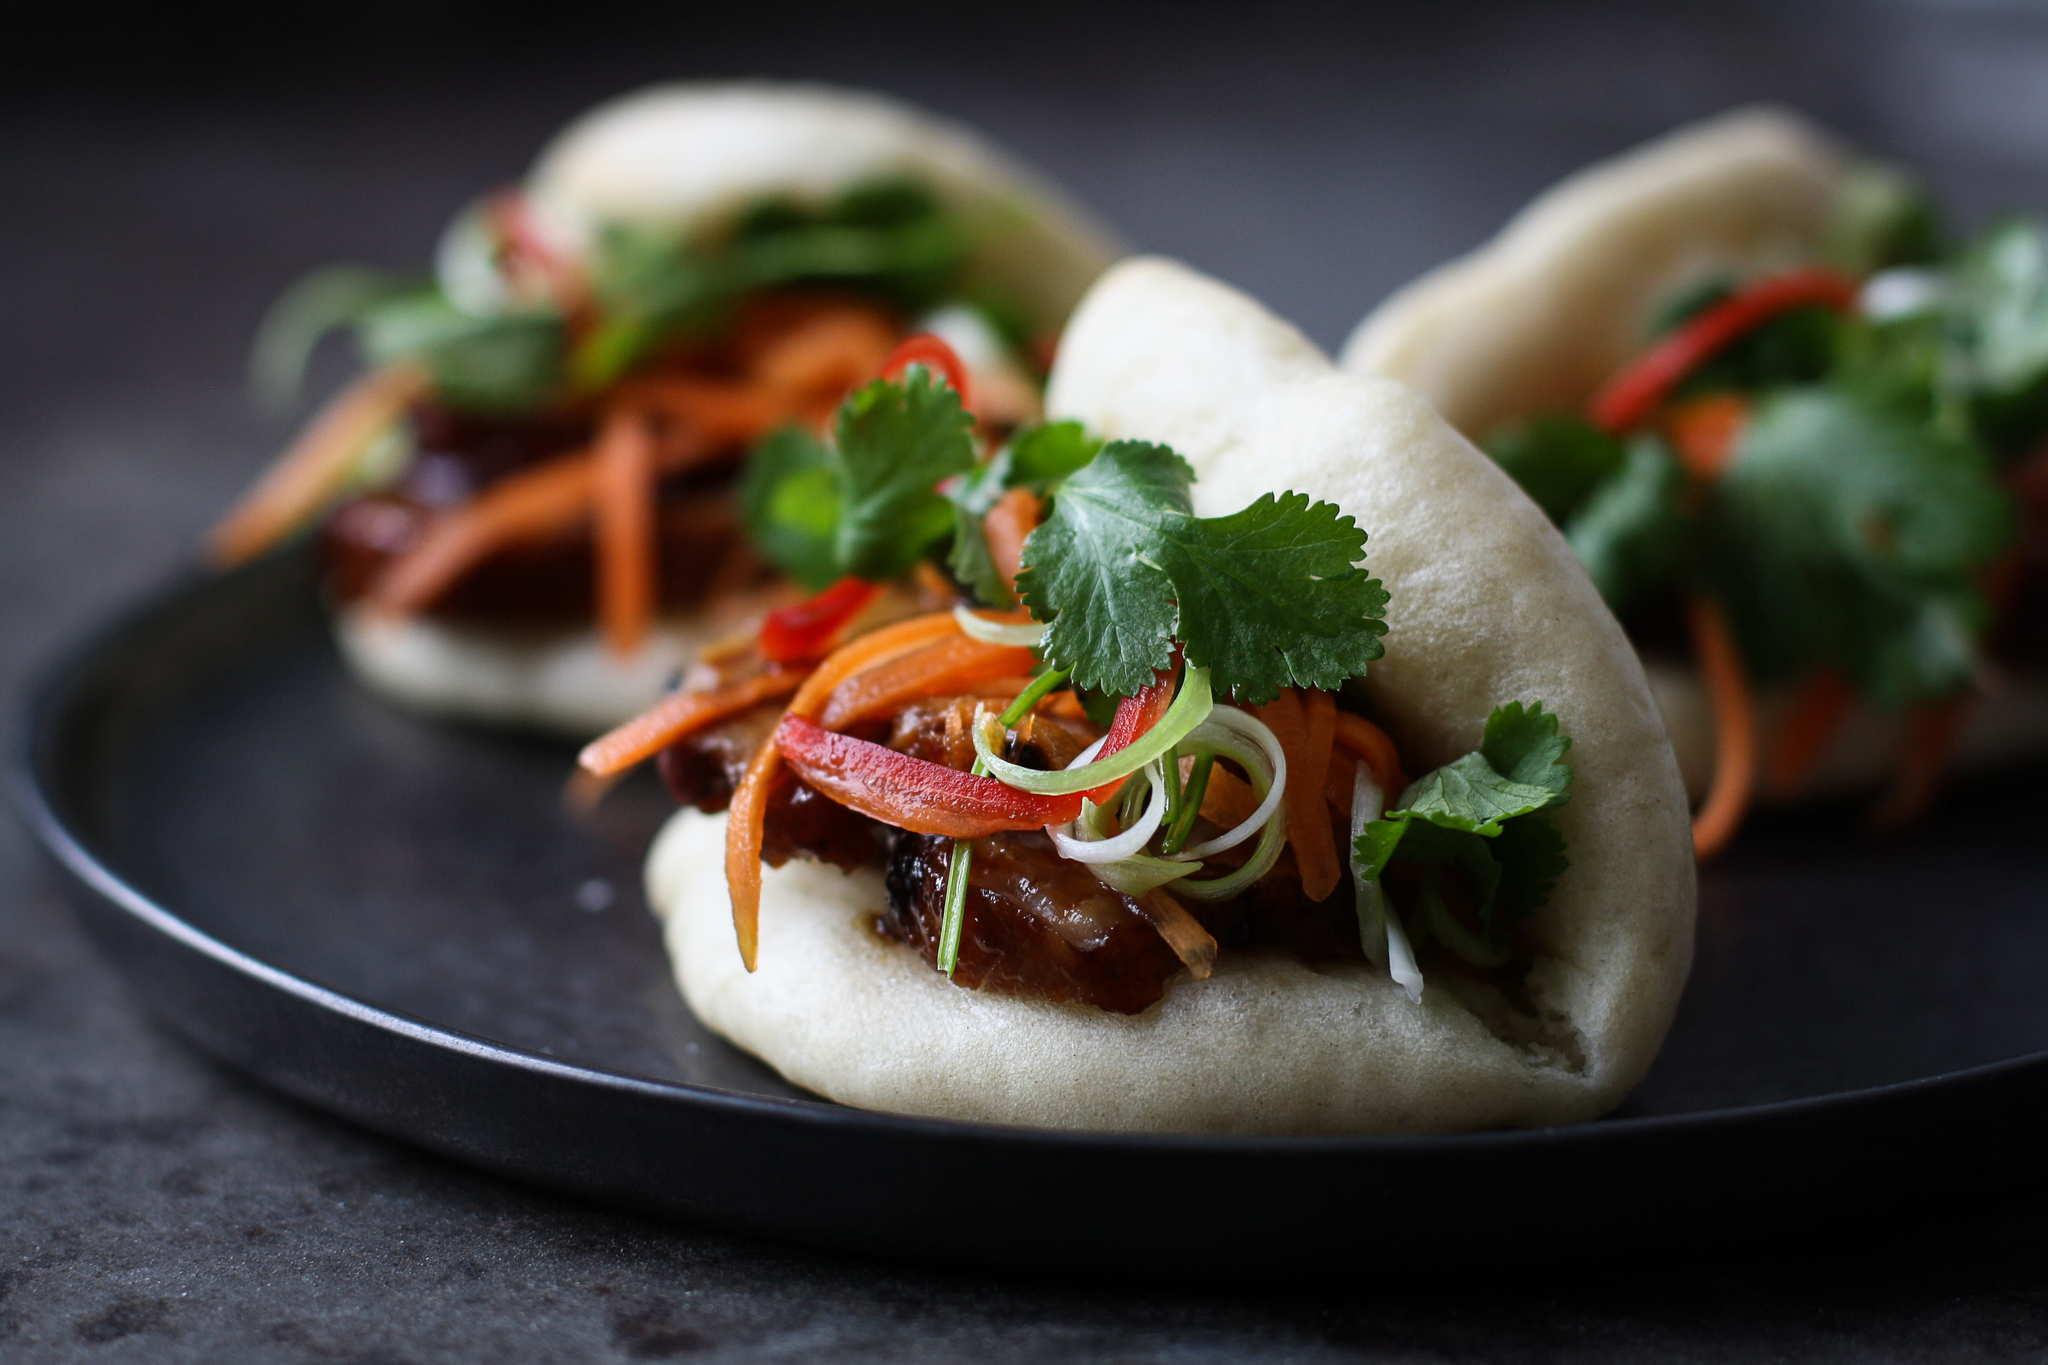 kinesiske dampede boller med BBQ marineret nakkefilet, koriander og chili samt lynsyltede gulerødder - char siu bao